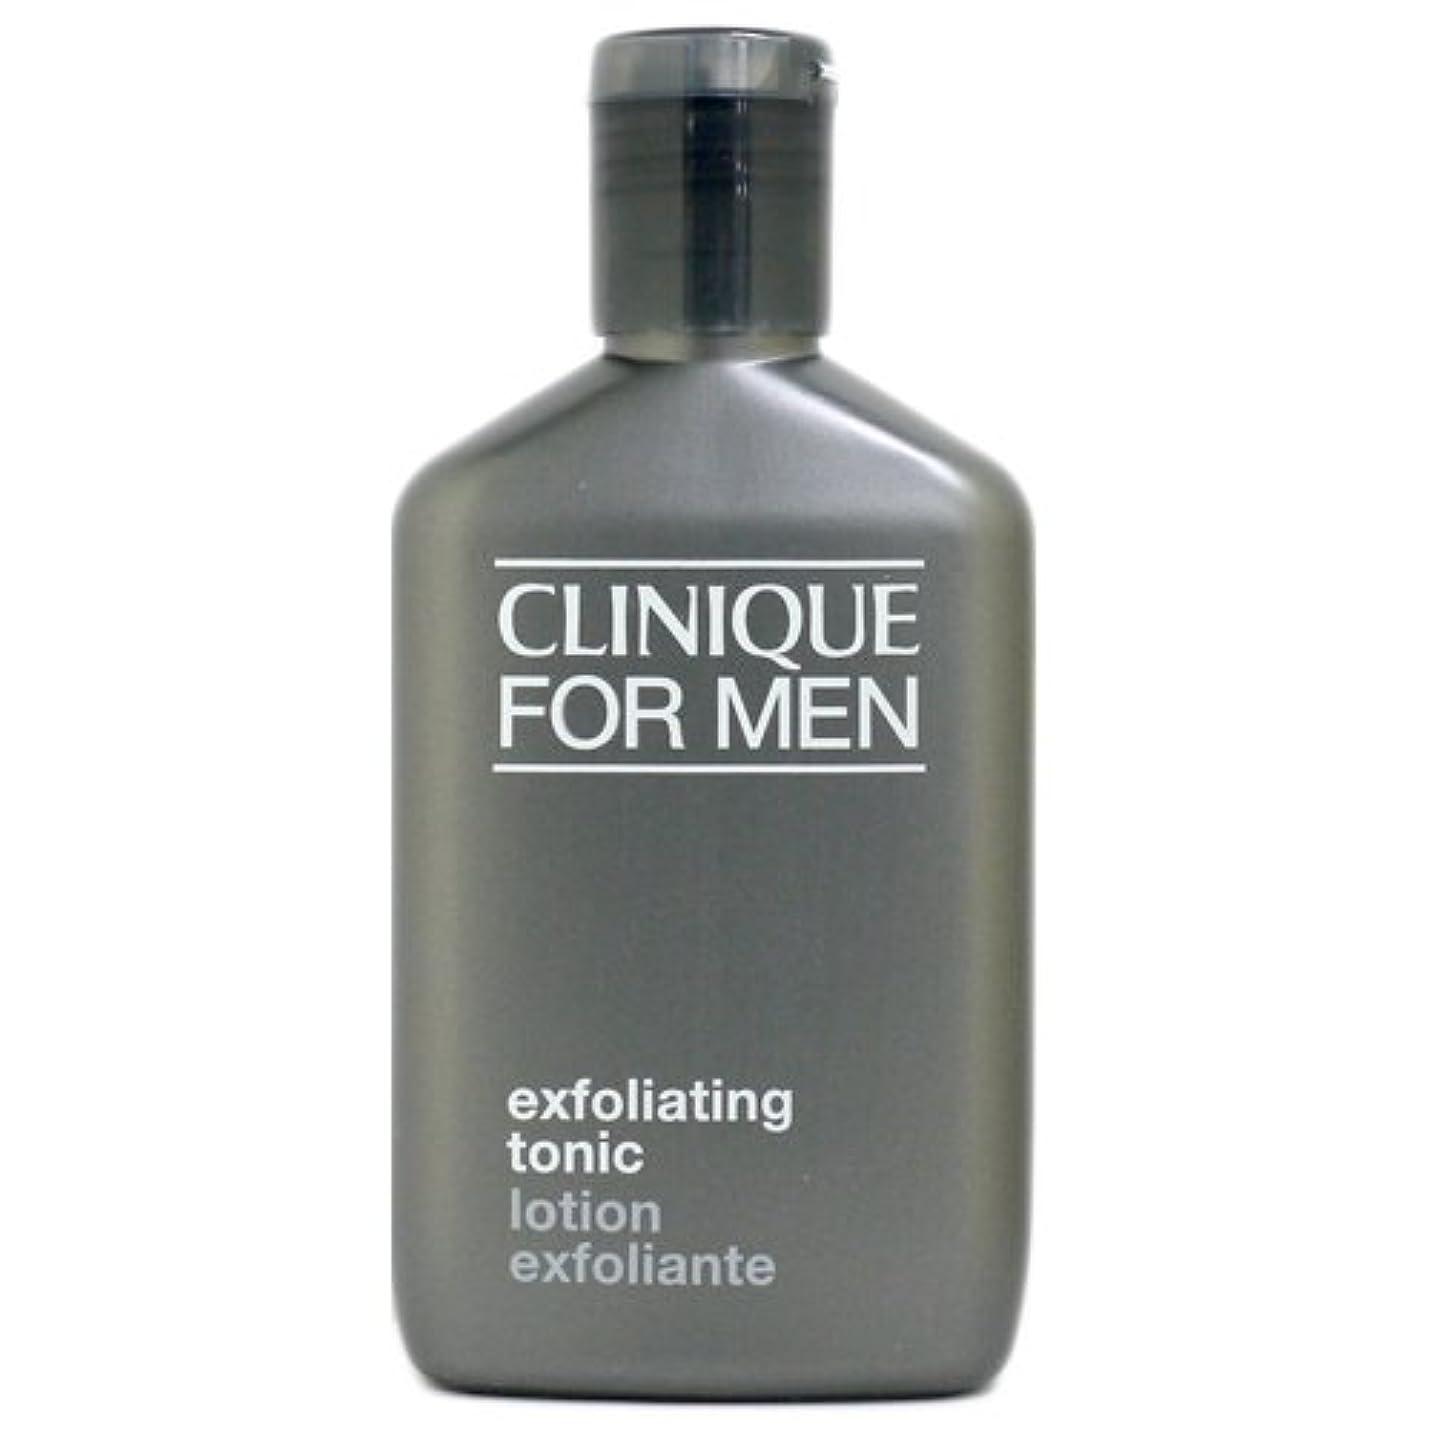 フレッシュいたずらな乱気流クリニークフォーメン(CLINIQUE FOR MEN) エクスフォリエーティング トニック 200ml[並行輸入品]